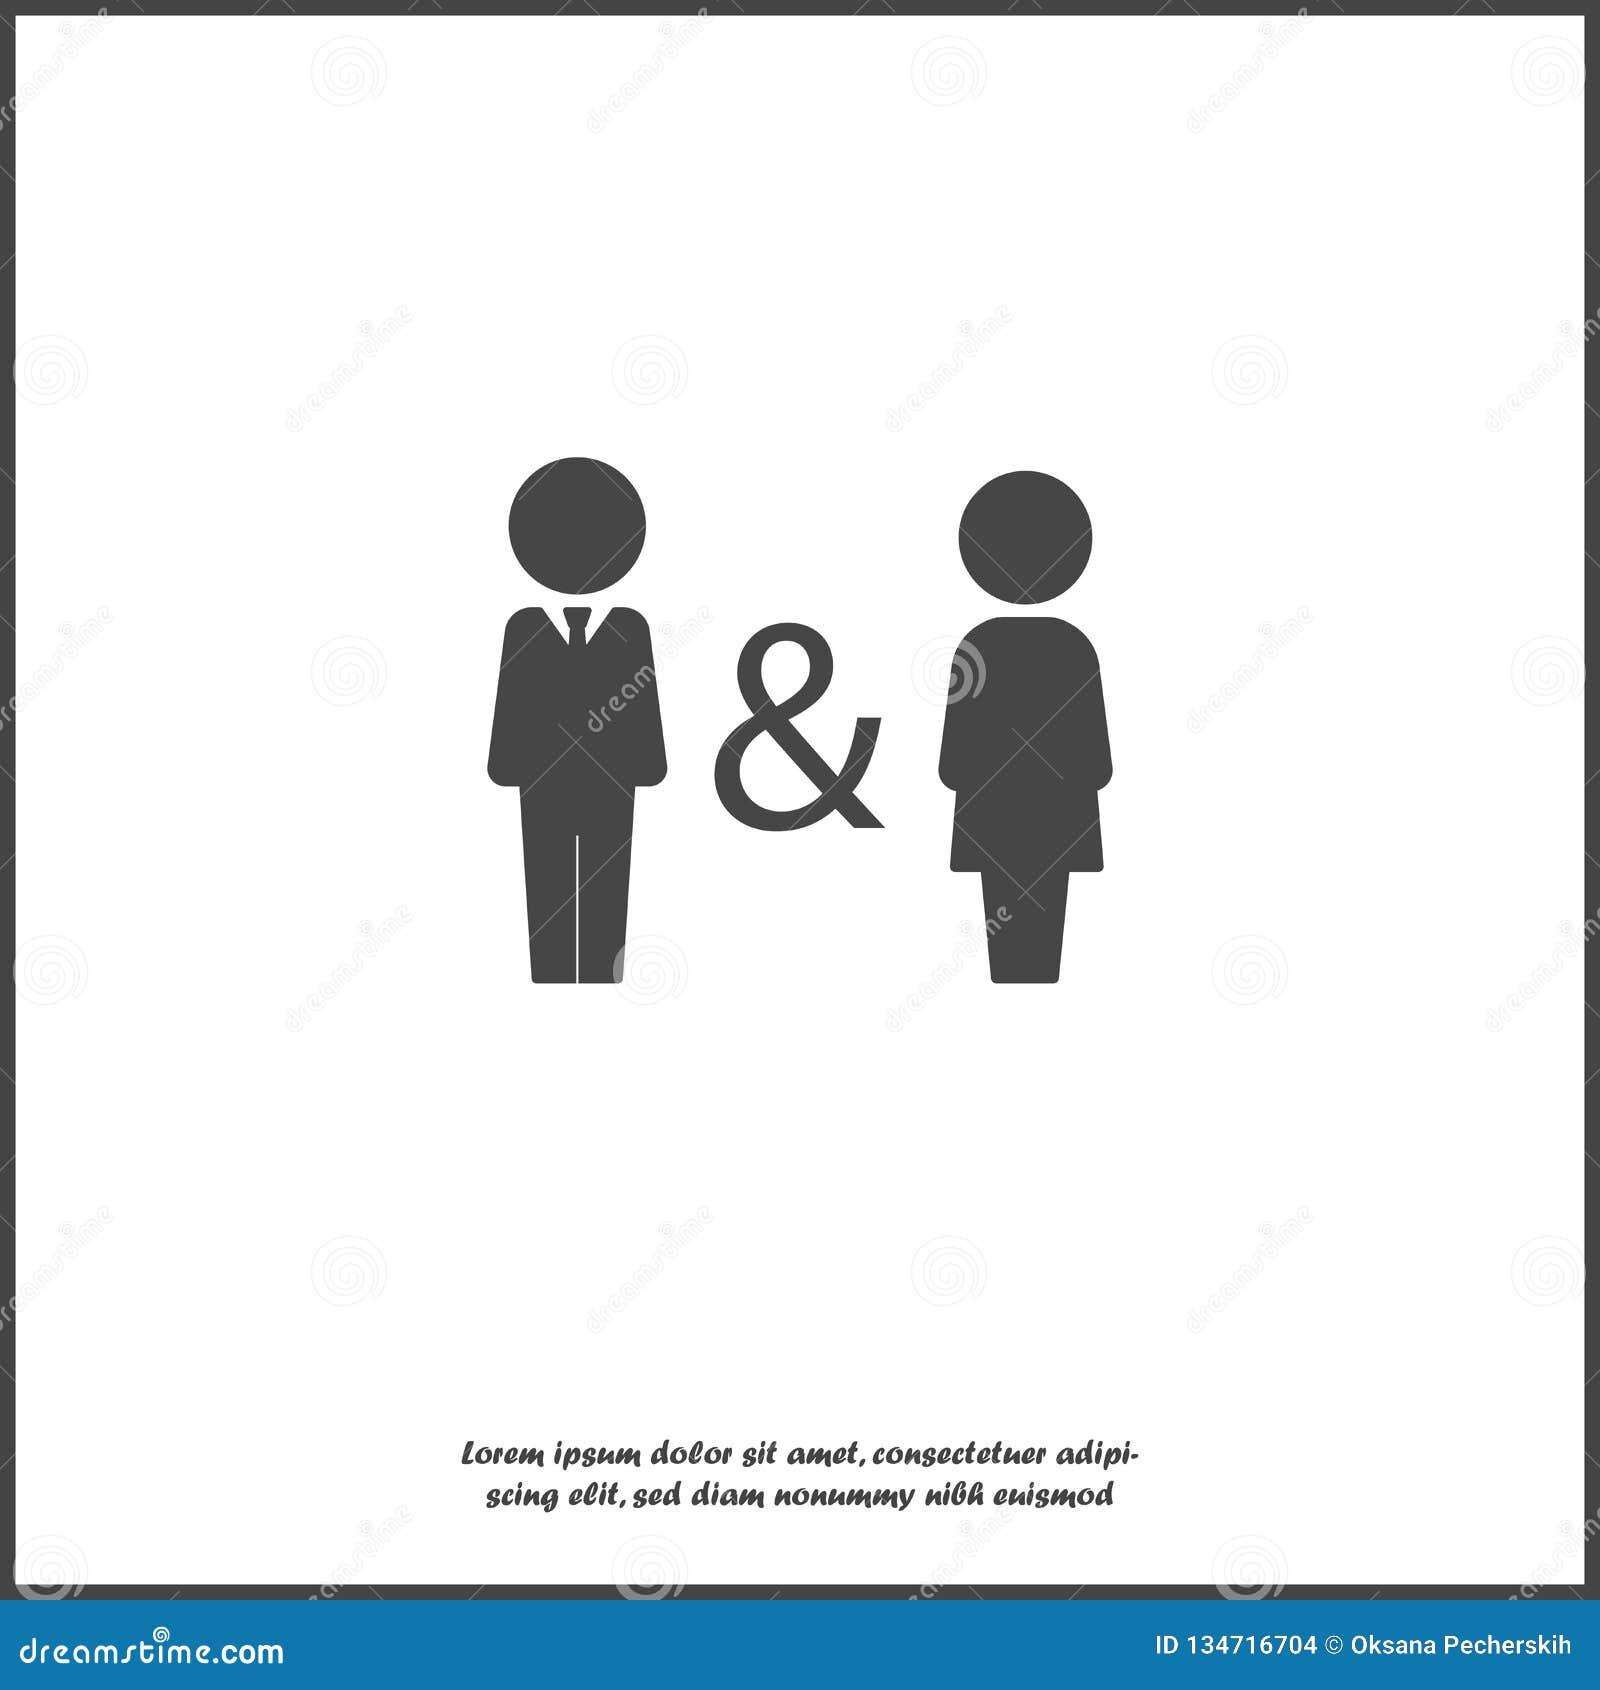 Διανυσματικό εικονίδιο του άνδρα και της γυναίκας Οικογενειακό σύμβολο της εγγύτητας, υποστήριξη, συμβατότητα Κοινή ζωή, ζωή και